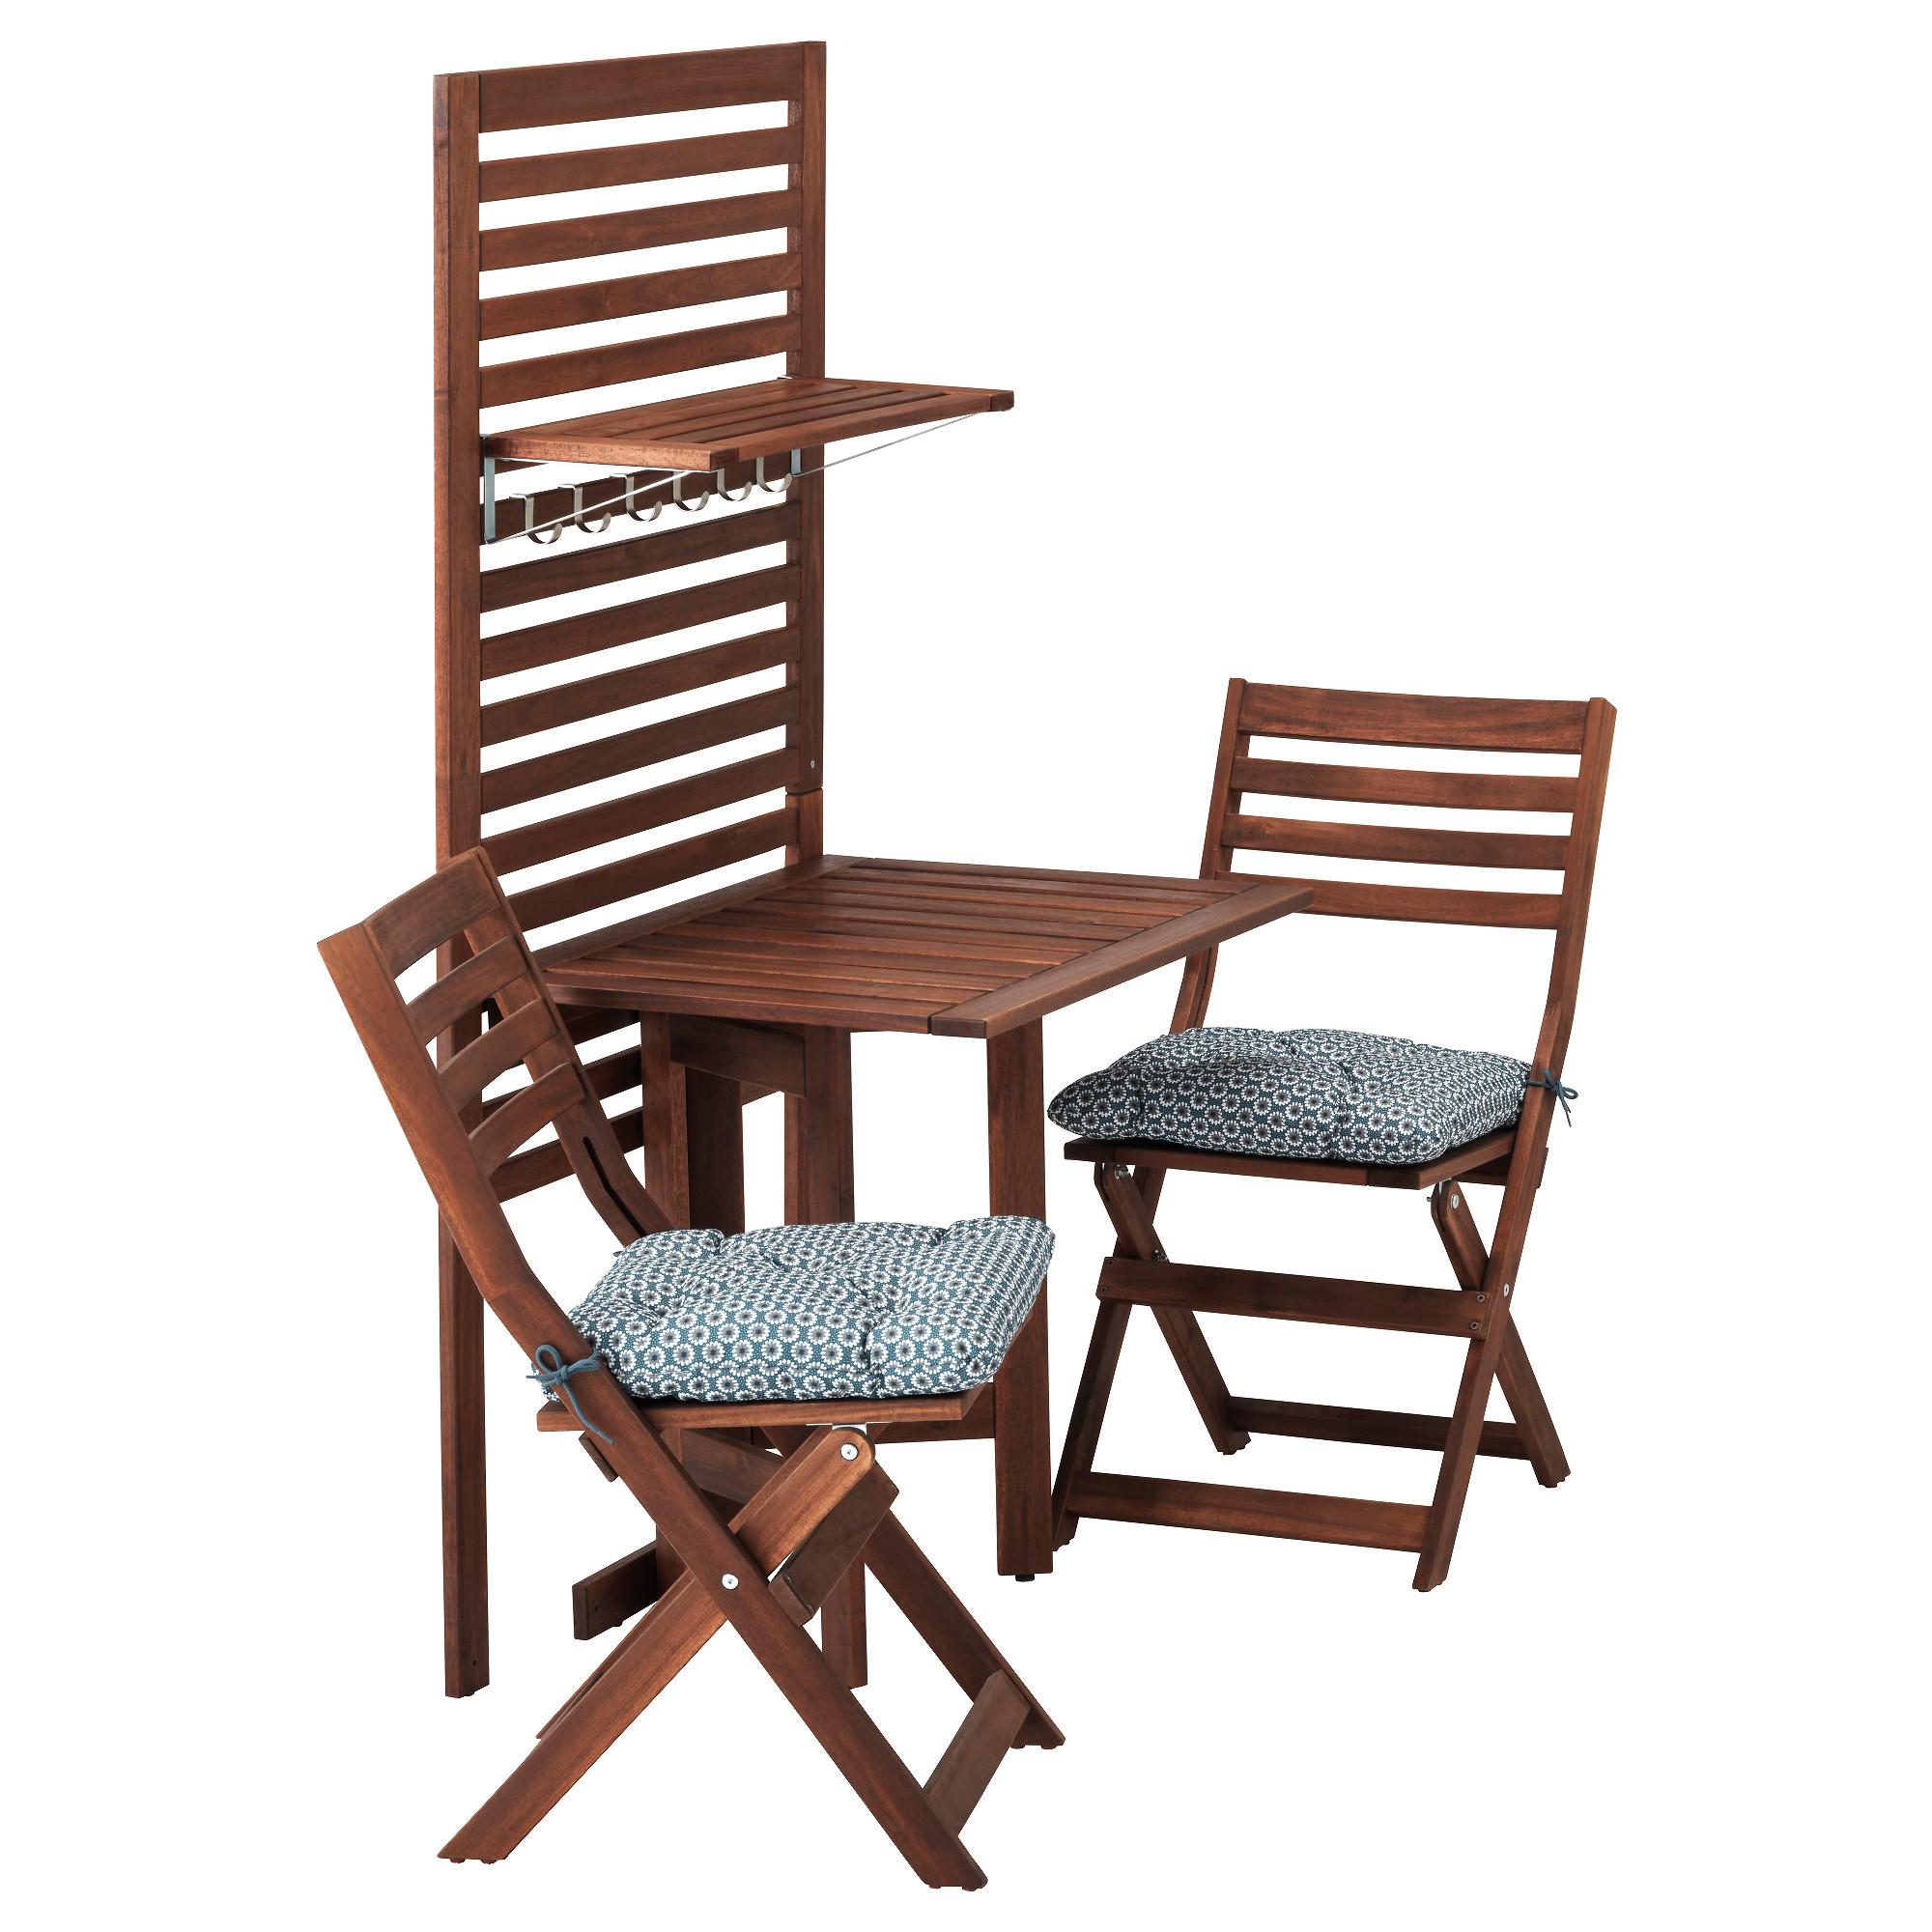 Панель, стол, 2 стула ЭПЛАРО синий артикуль № 292.288.75 в наличии. Online магазин IKEA Республика Беларусь. Быстрая доставка и установка.